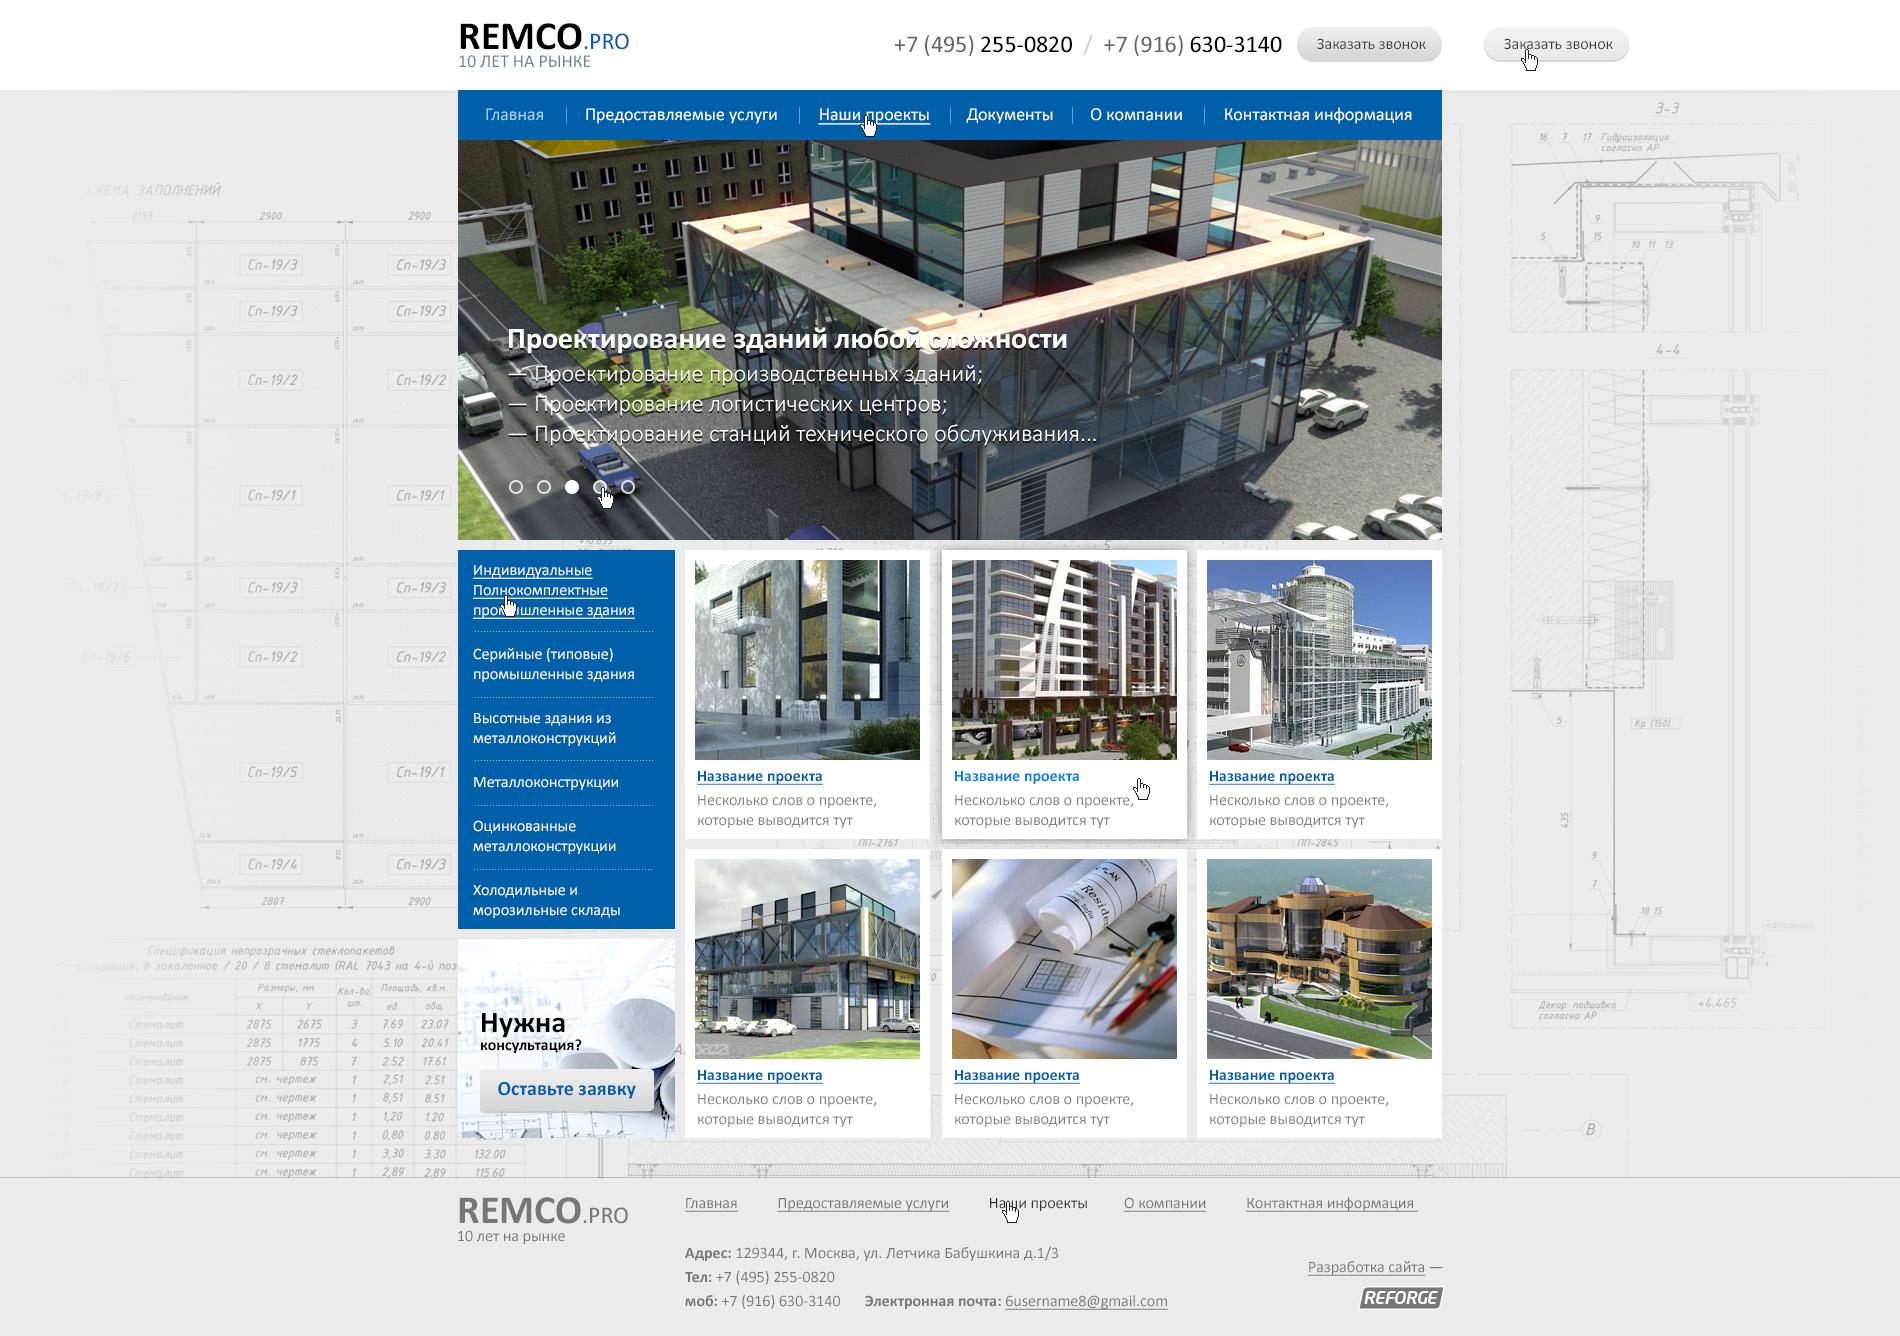 REMCO.PRO - проектирование зданий